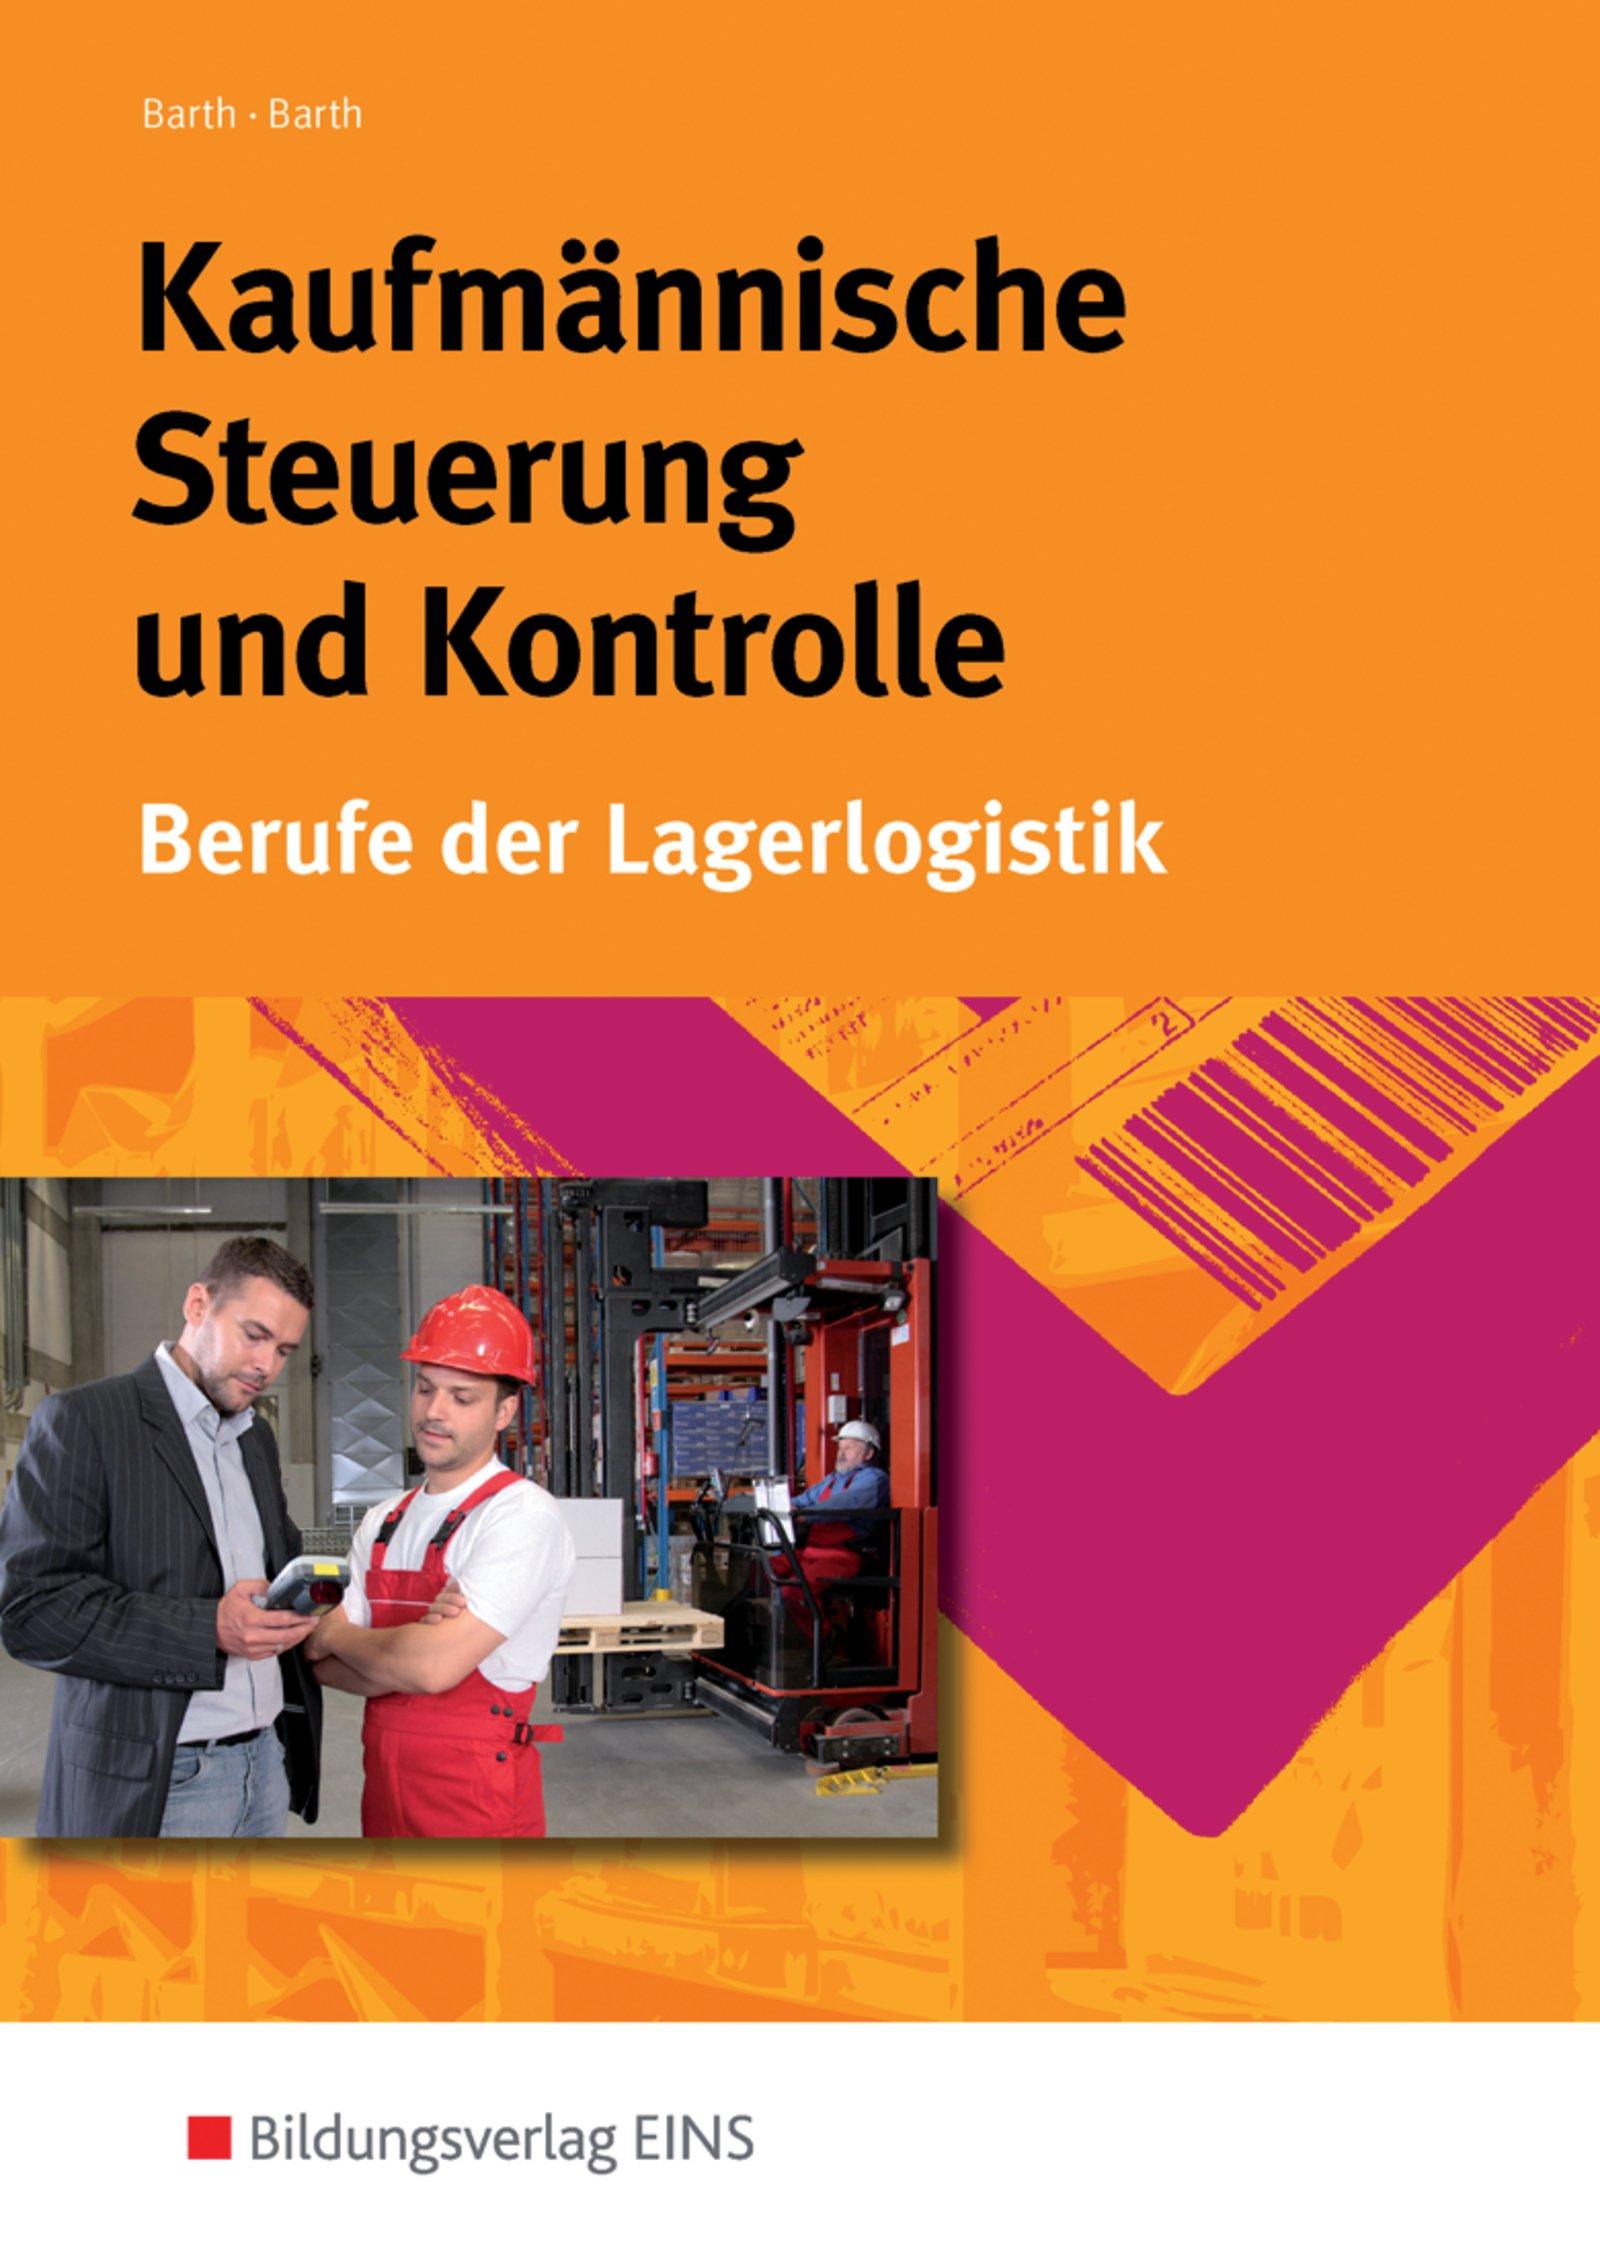 Kaufmännische Steuerung und Kontrolle. Berufe der Lagerlogistik